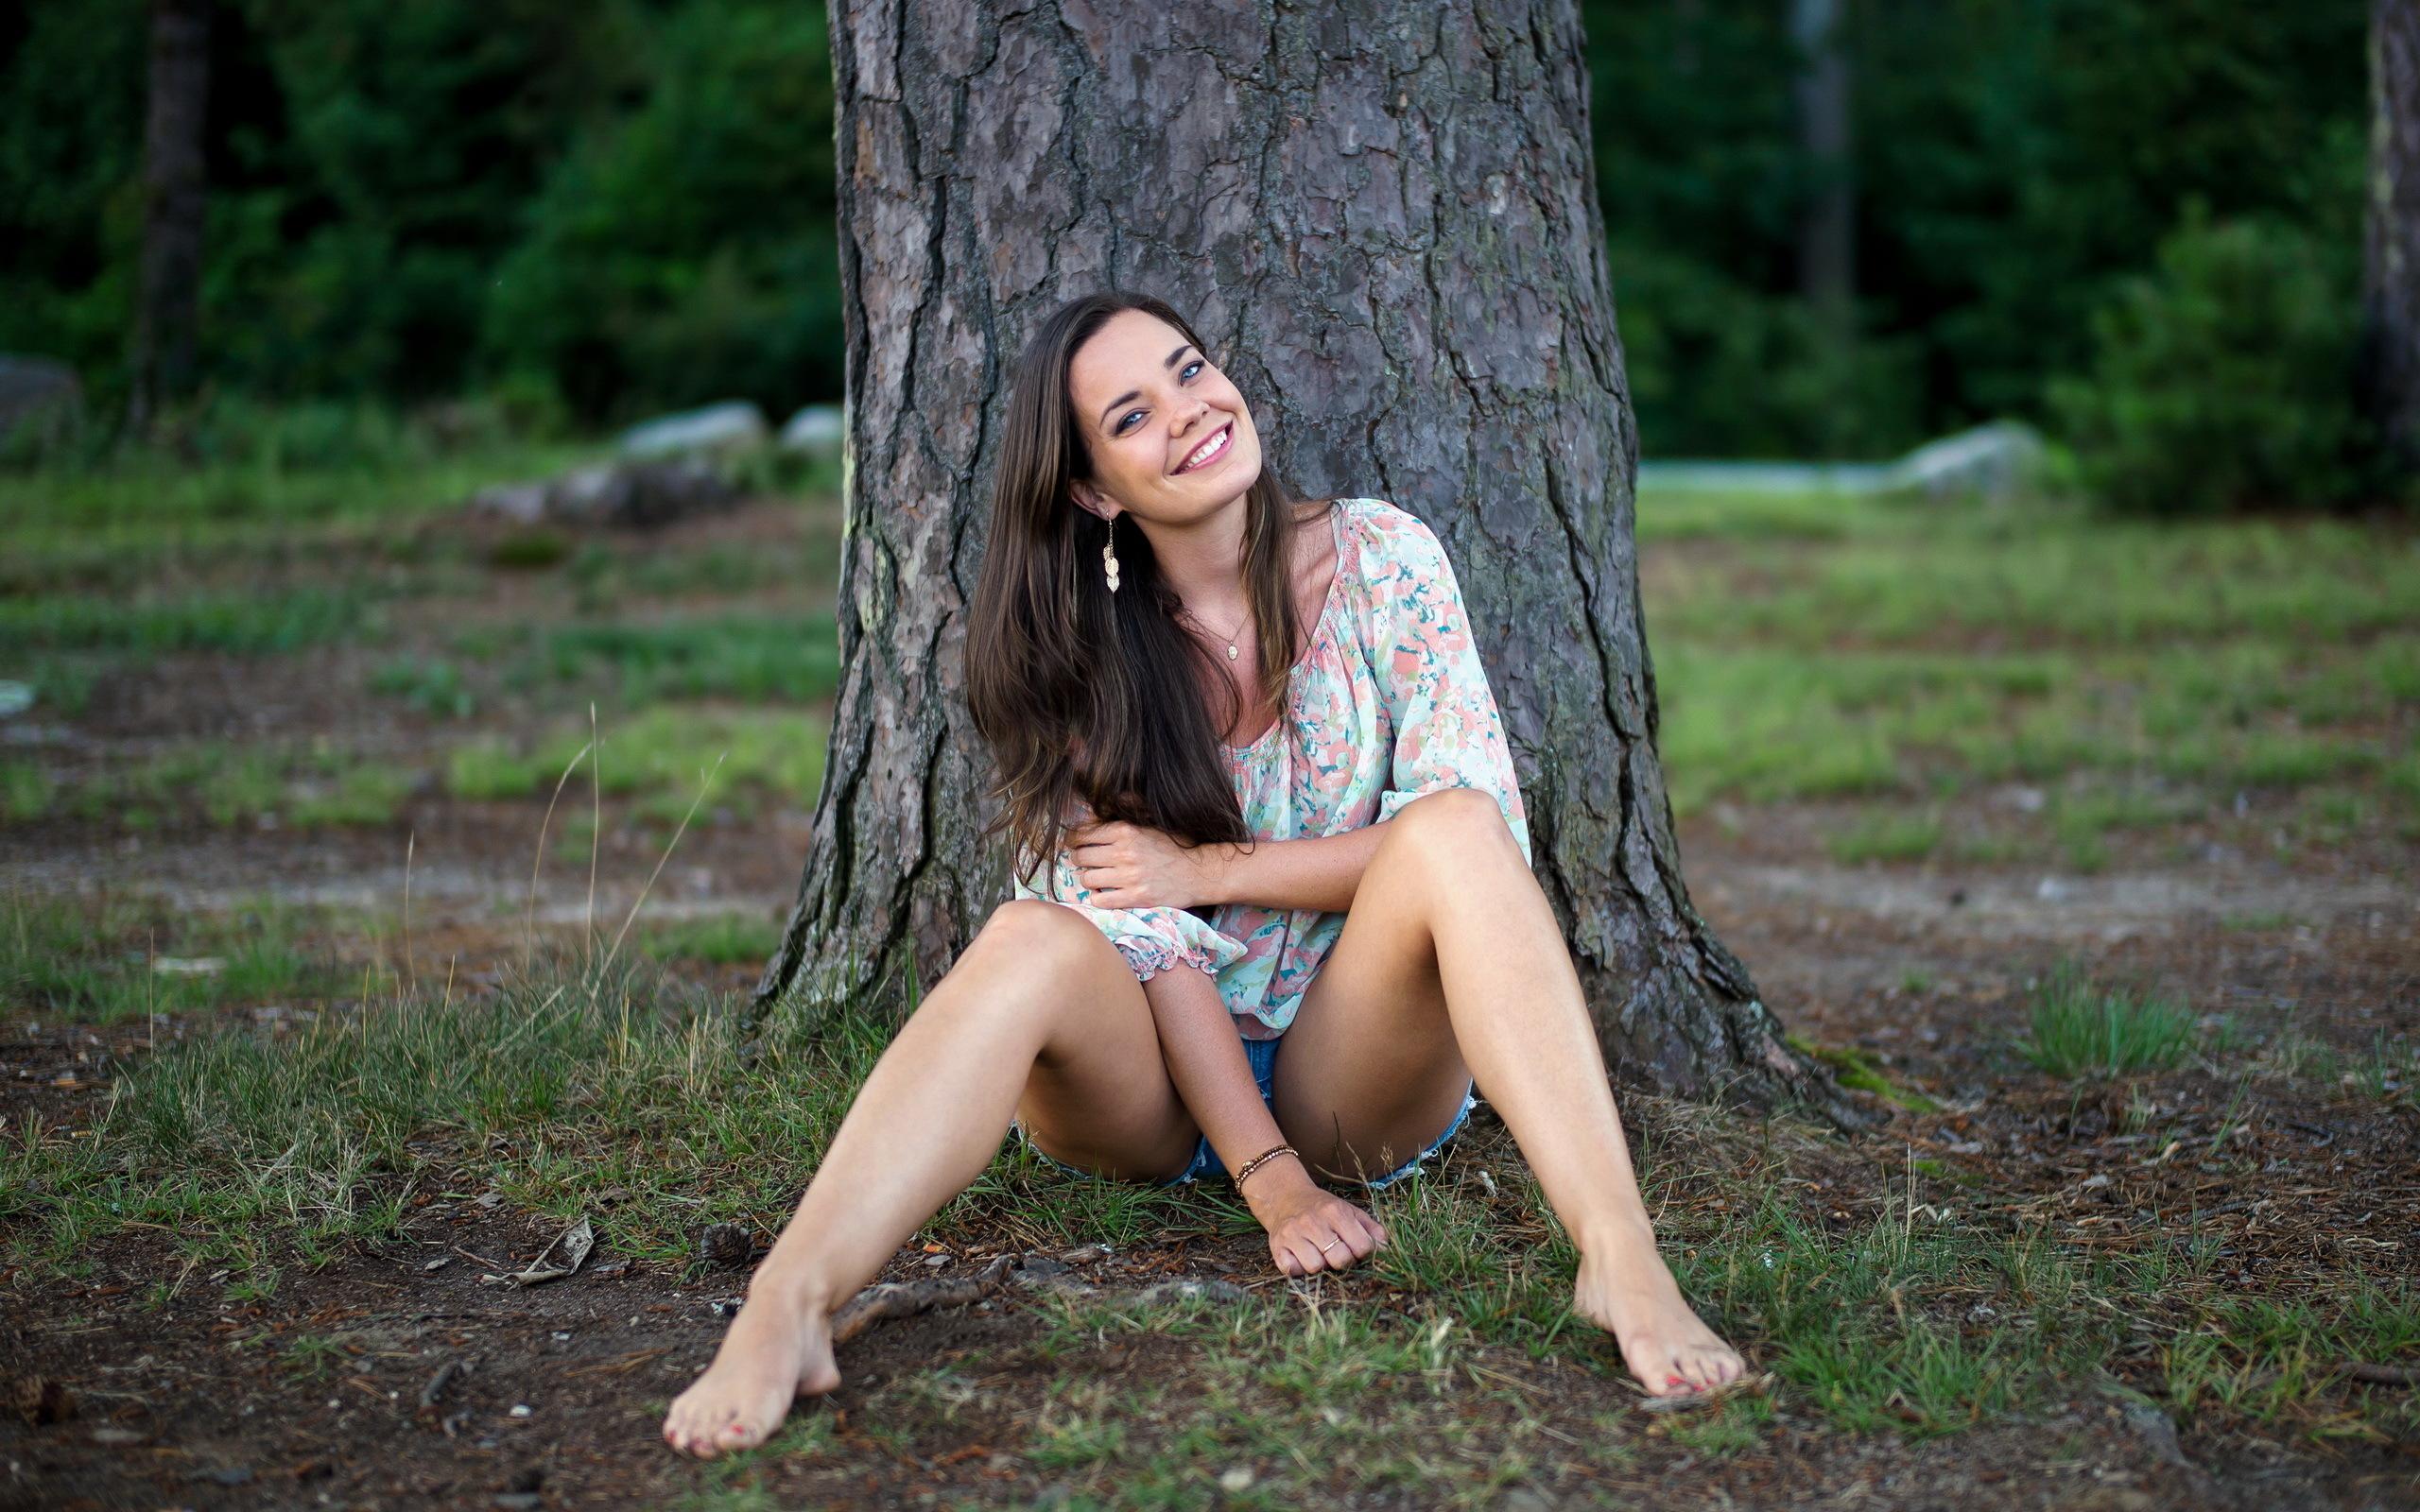 Секс девушки на природе россия, Порно на природе летом, секс на природе бесплатно на 11 фотография